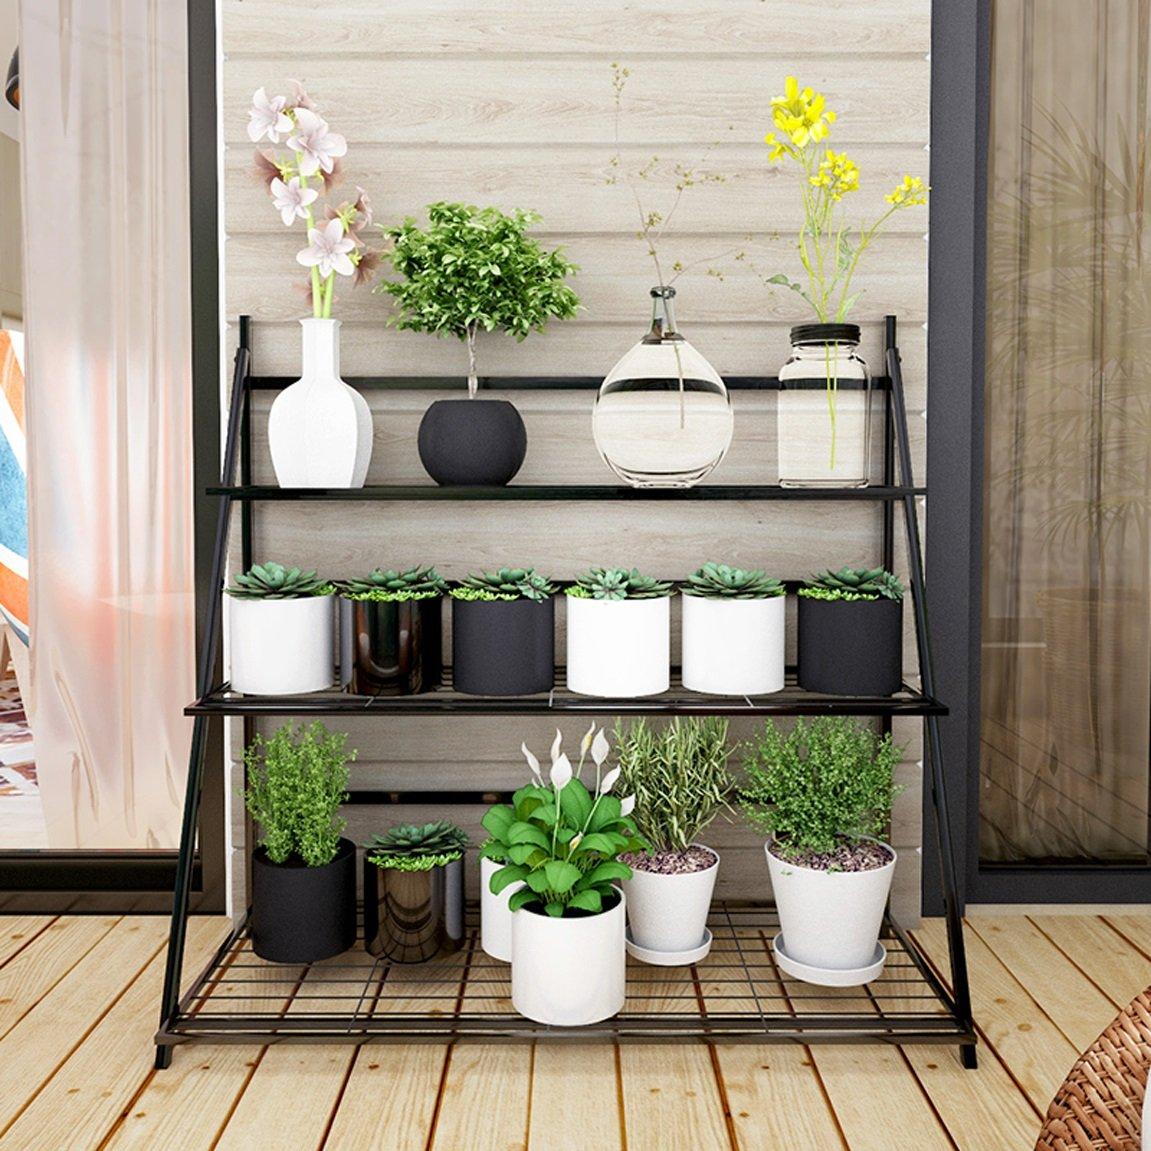 LRW European Flower Rack, Green Lace, Chlorophytum, Indoor Folding Flower Rack, Multi Floor Landing Flower Rack, Black.